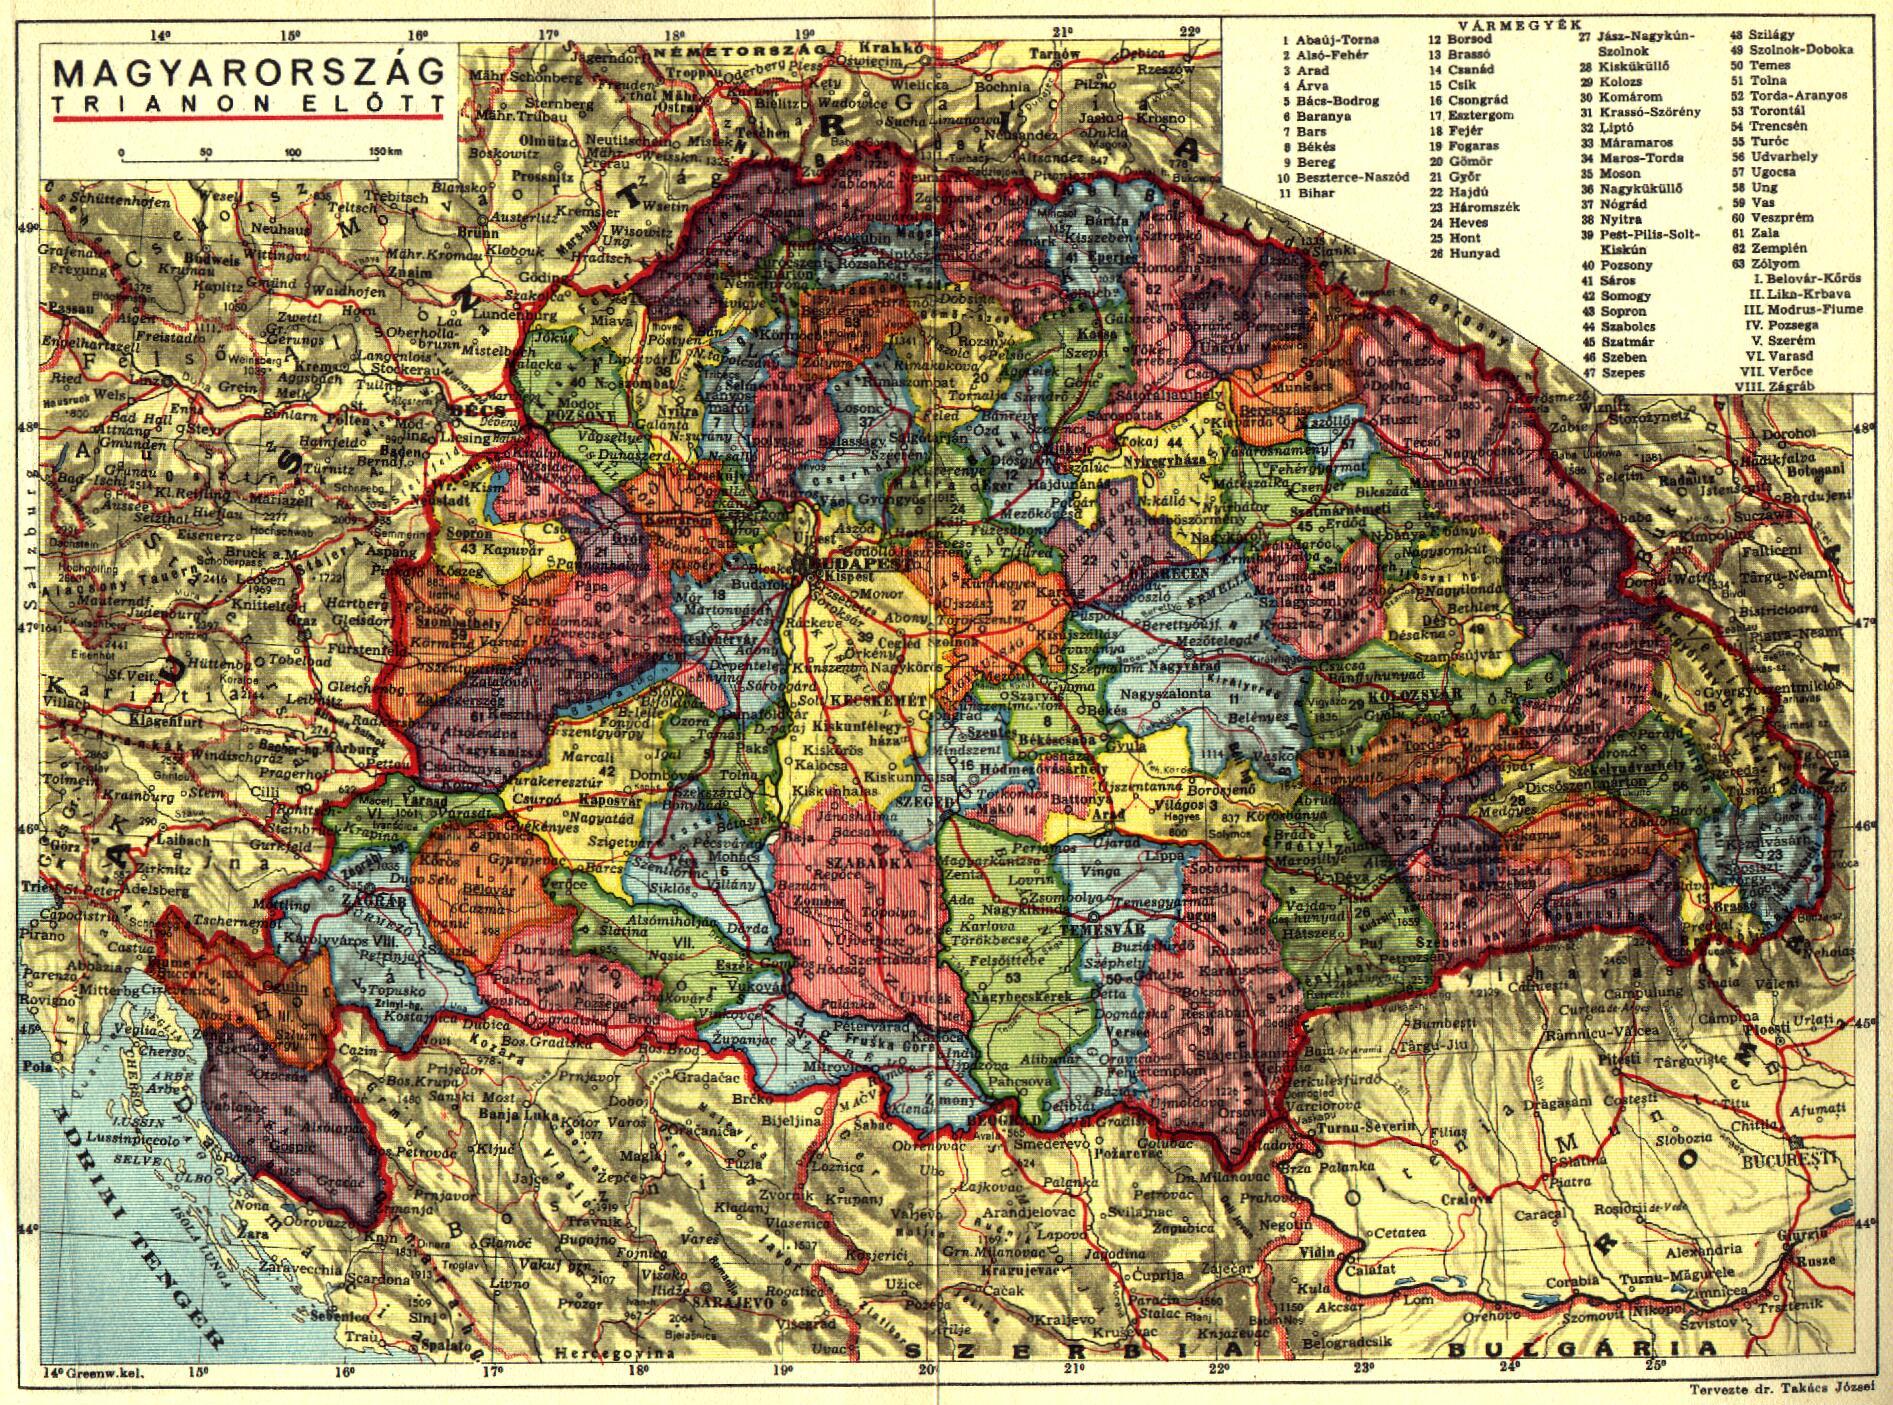 magyarország trianon előtt térkép GYALÁZAT VOLT  IGAZSÁGOK, GAZSÁGOK   SOKKÖZNAPOK magyarország trianon előtt térkép